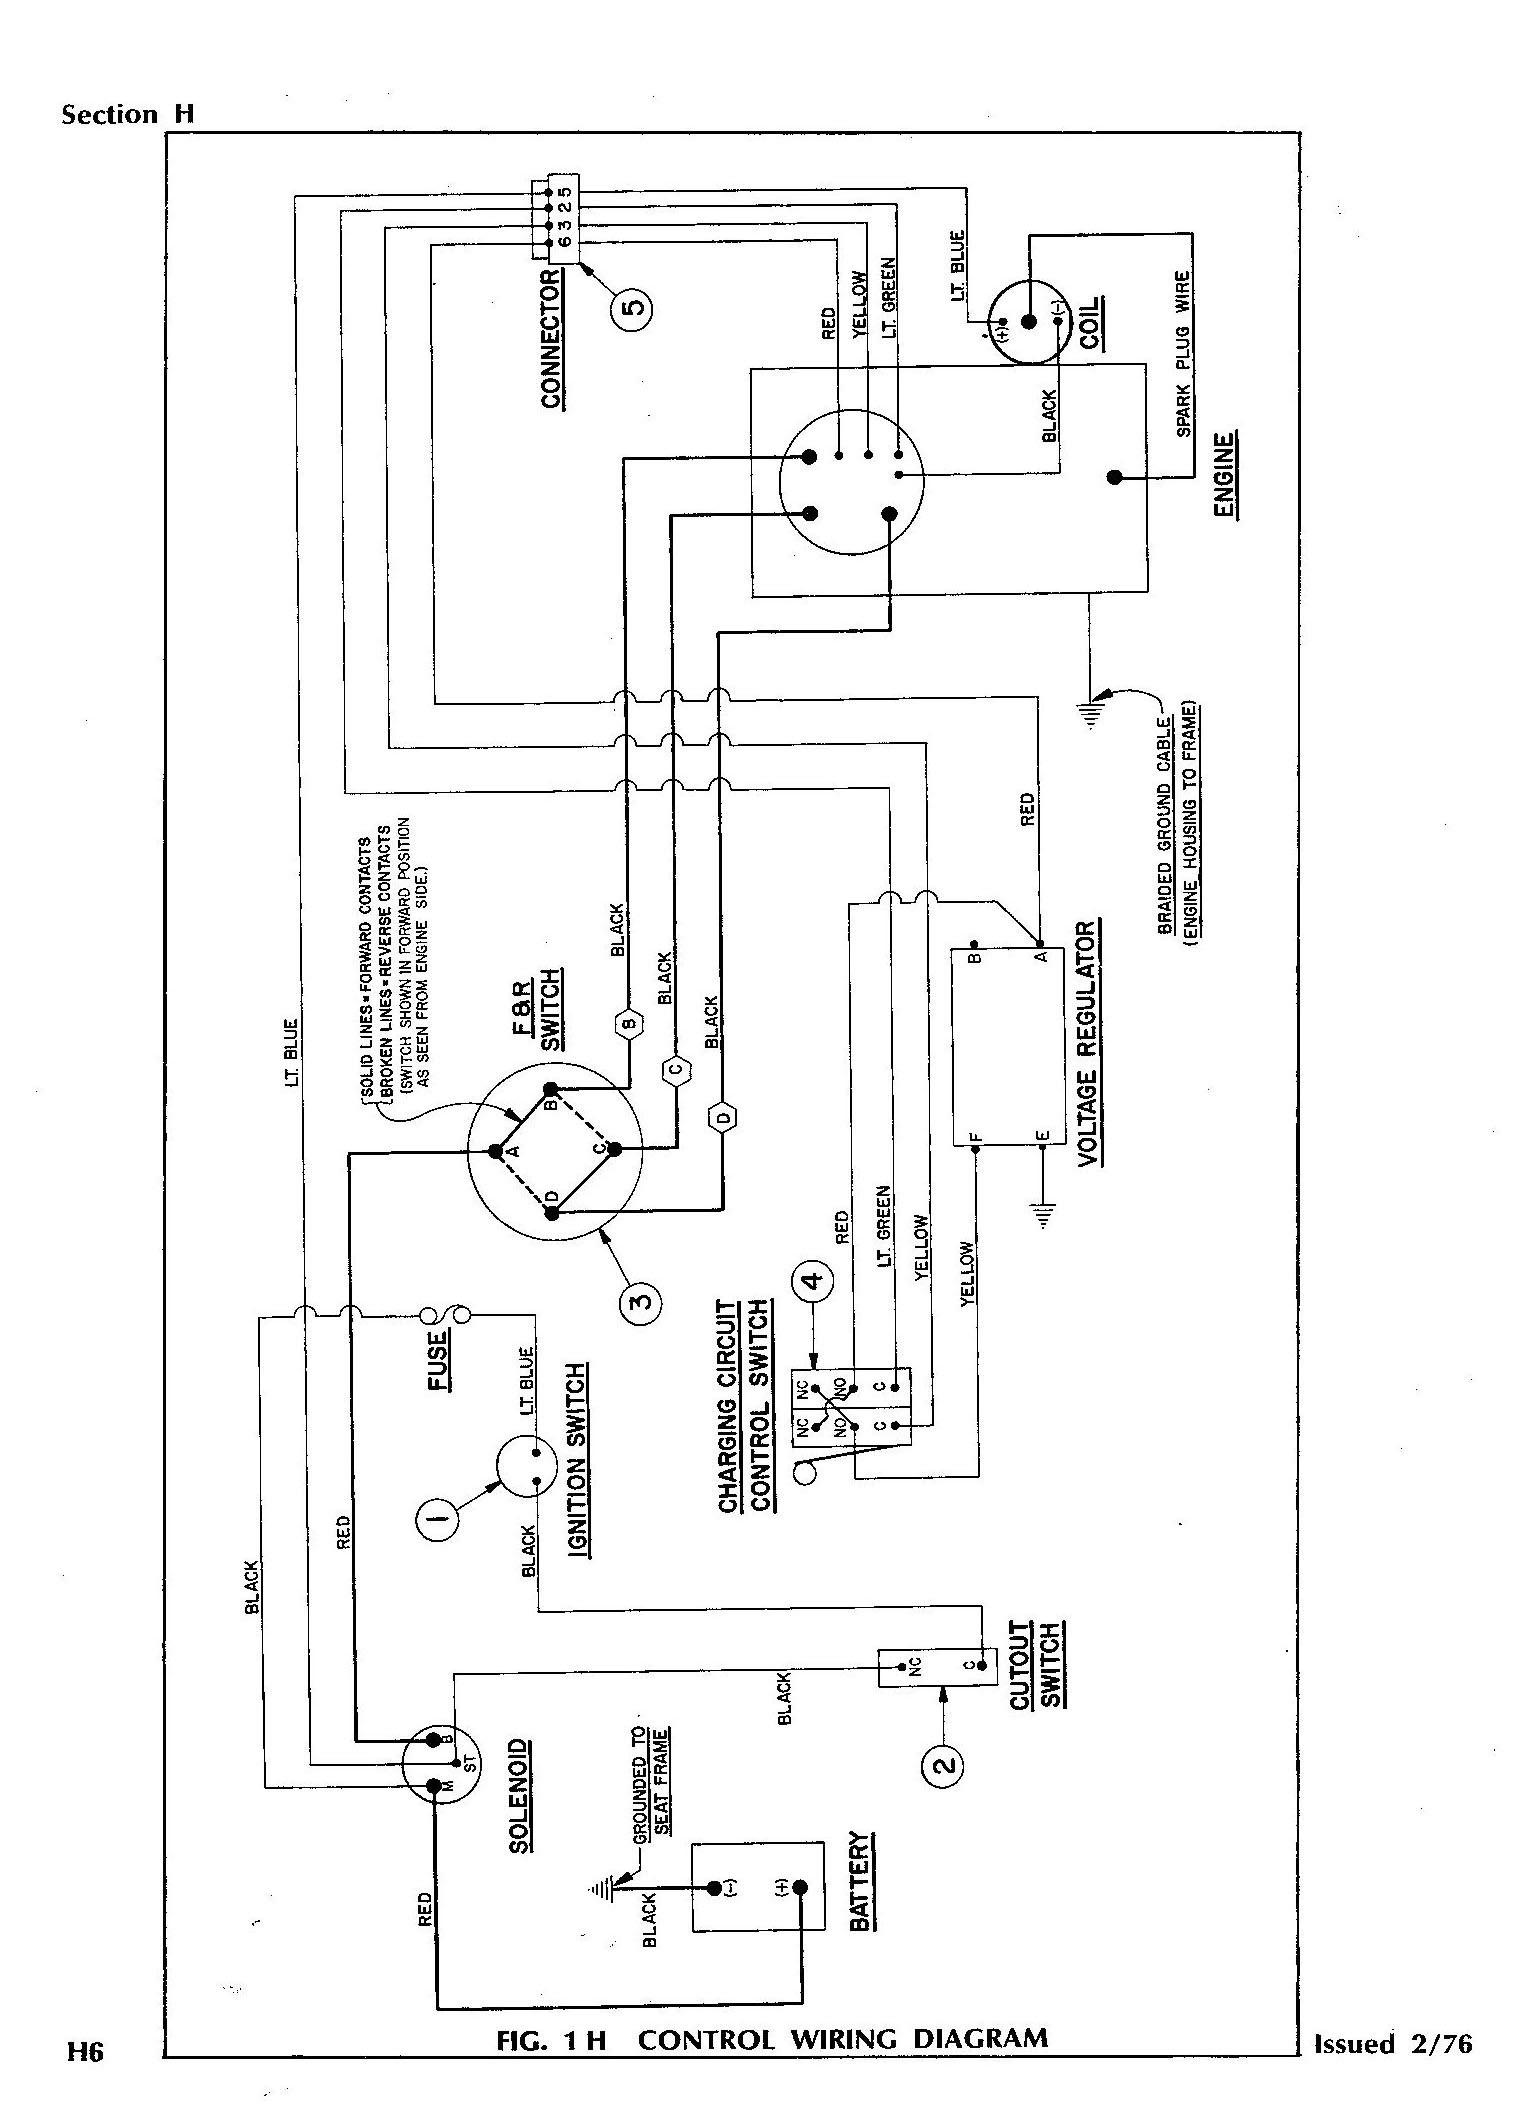 1982 Harley Davidson Golf Cart Wiring Diagram Bmw Airhead Diode Board Wiring Diagram Tomosa35 Jeep Wrangler Waystar Fr